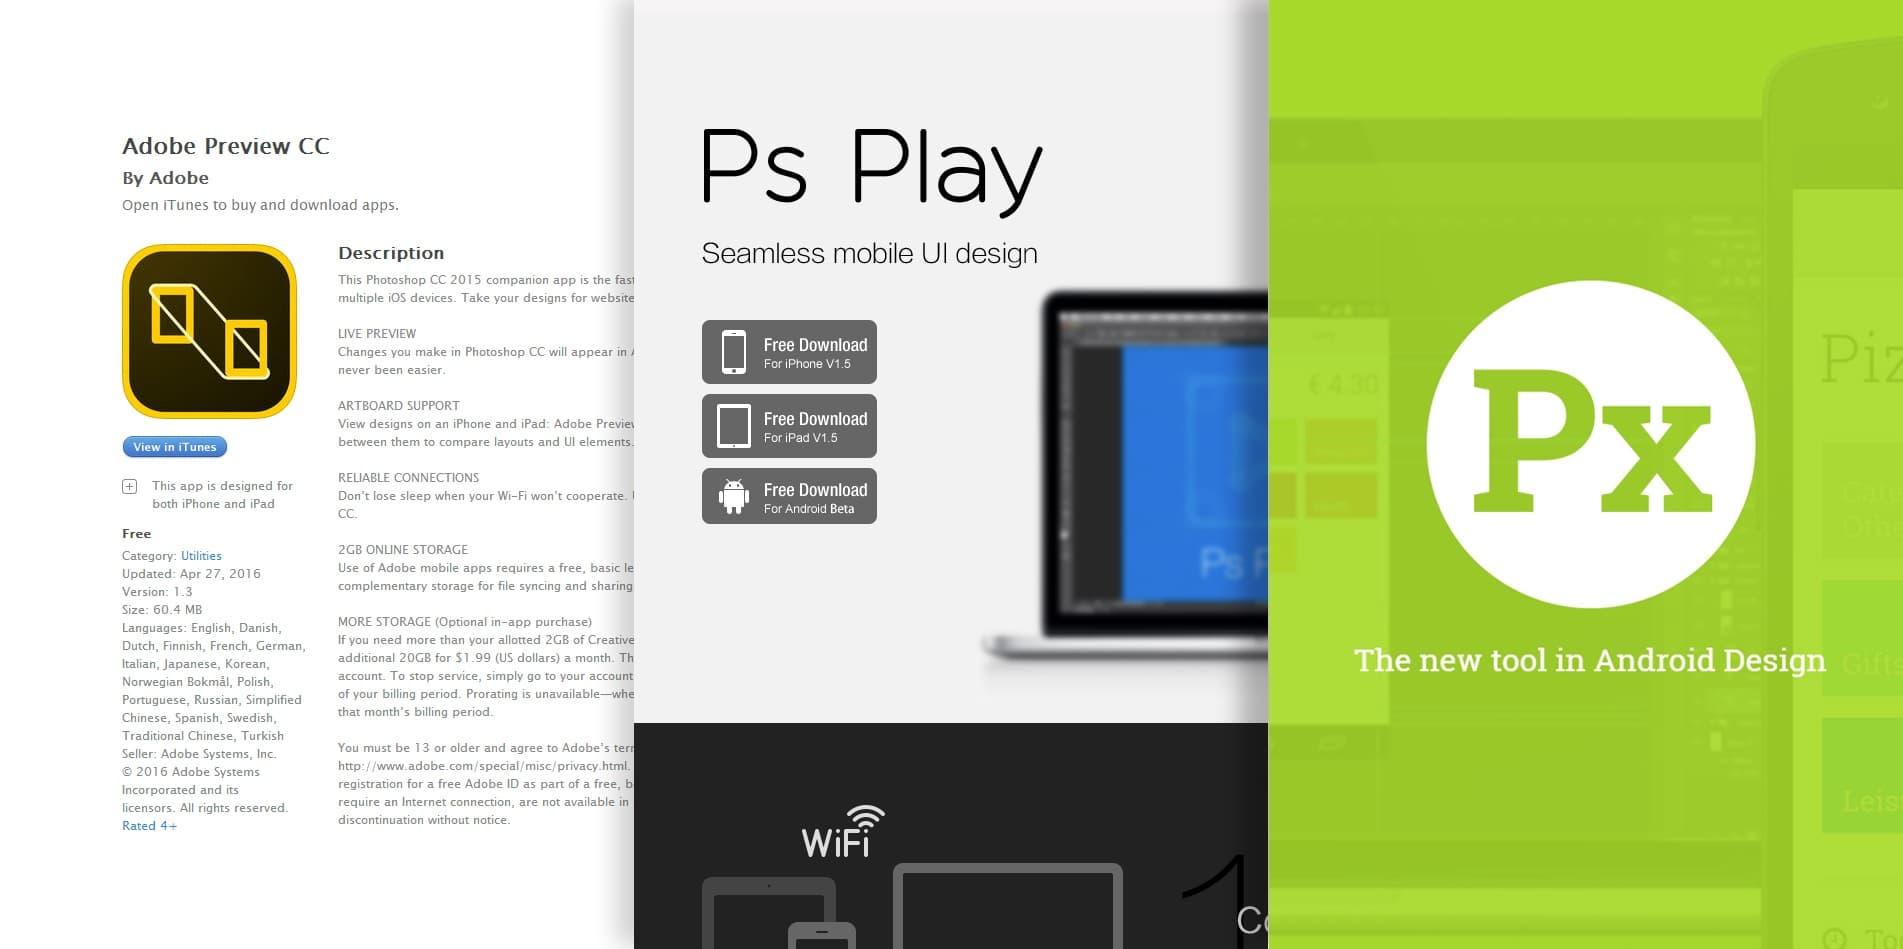 移动设备实时预览PS设计稿